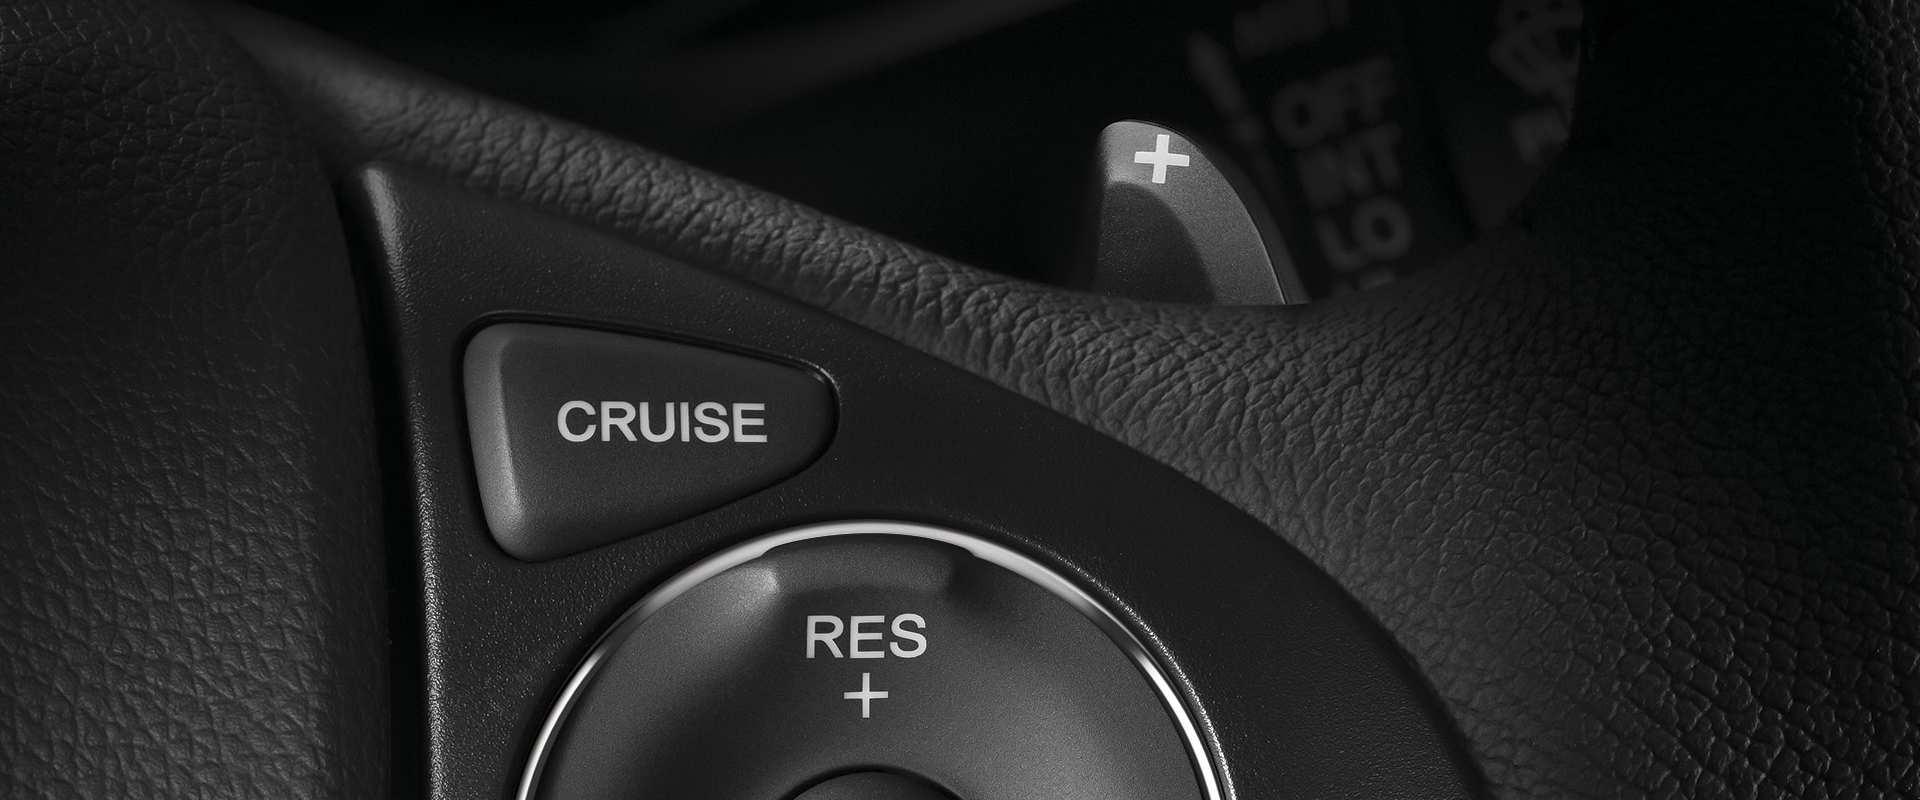 Troca de marcha no volante [Paddle Shift]